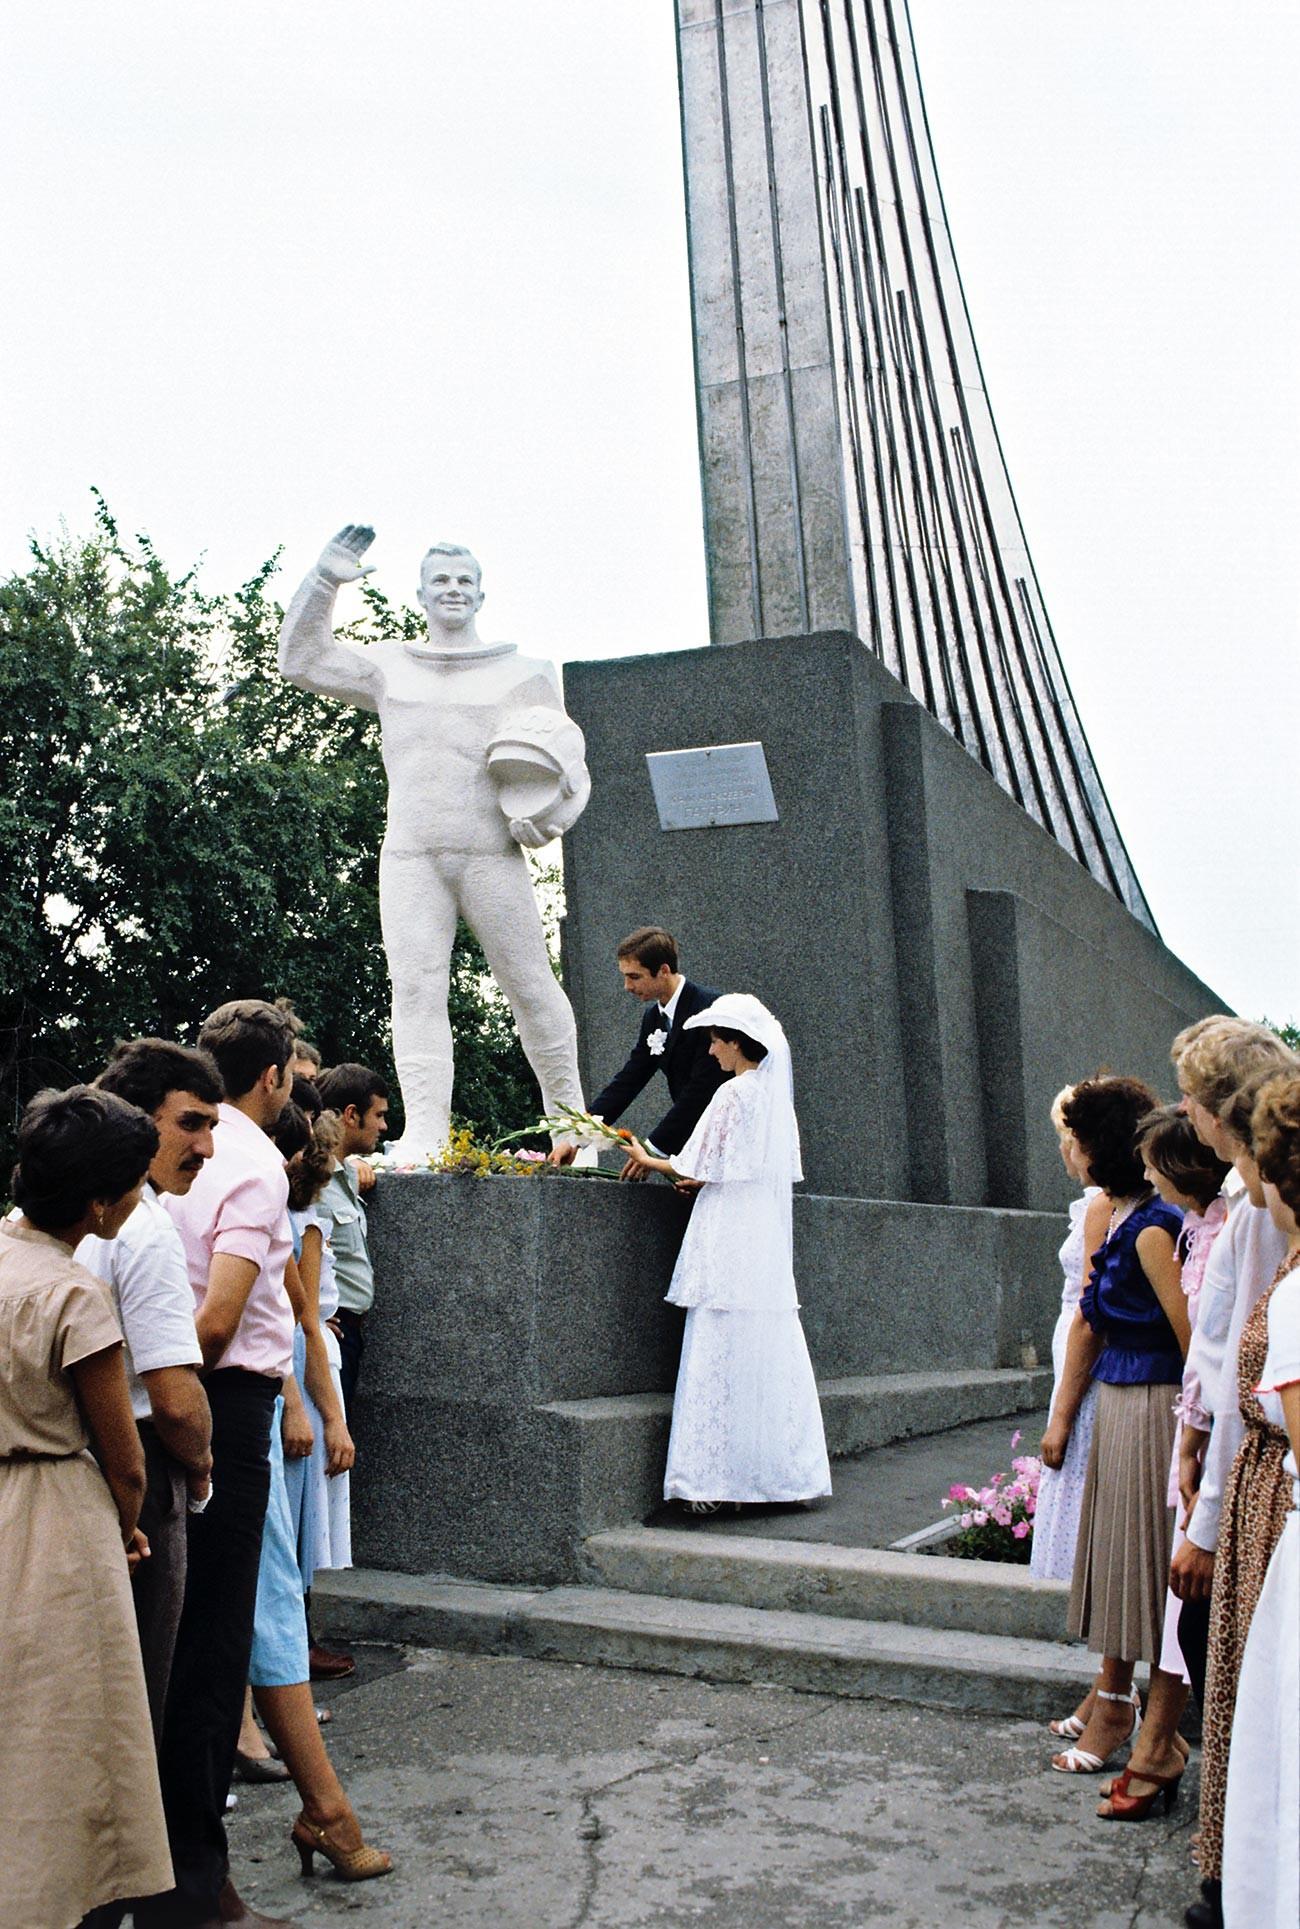 Jeunes mariés déposant des fleurs aux pieds de Iouri Gagarine, le premier cosmonaute. Ce monument a été érigé à 200 mètres de son lieu d'atterrissage lors de son vol historique.